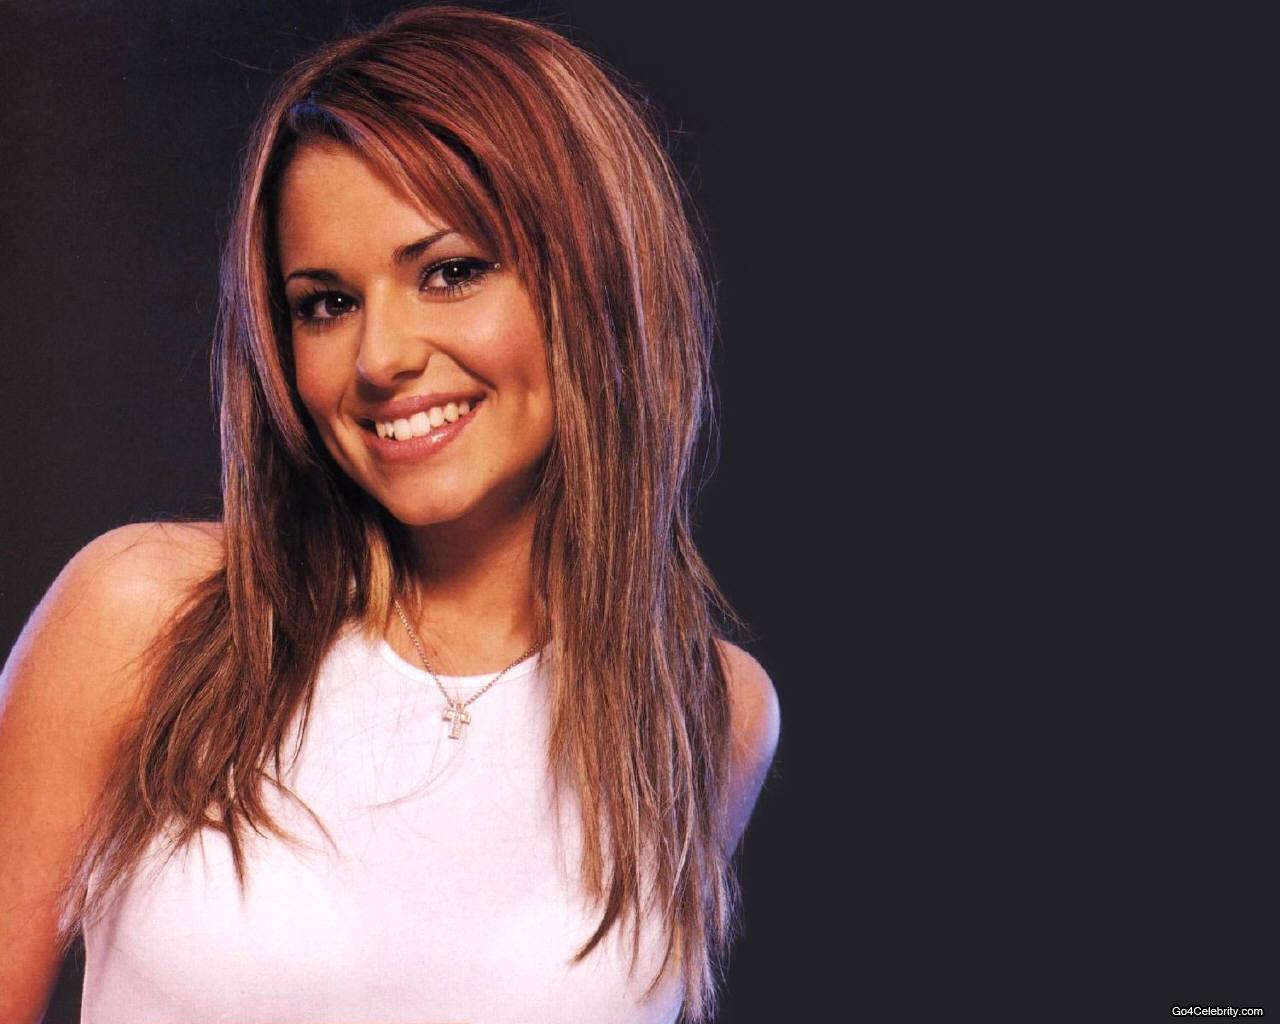 http://2.bp.blogspot.com/-KI_C7GmhytA/T9CaFcELz9I/AAAAAAAAKUQ/syMrVWdt18w/s1600/Cheryl-Tweedy-001.jpg